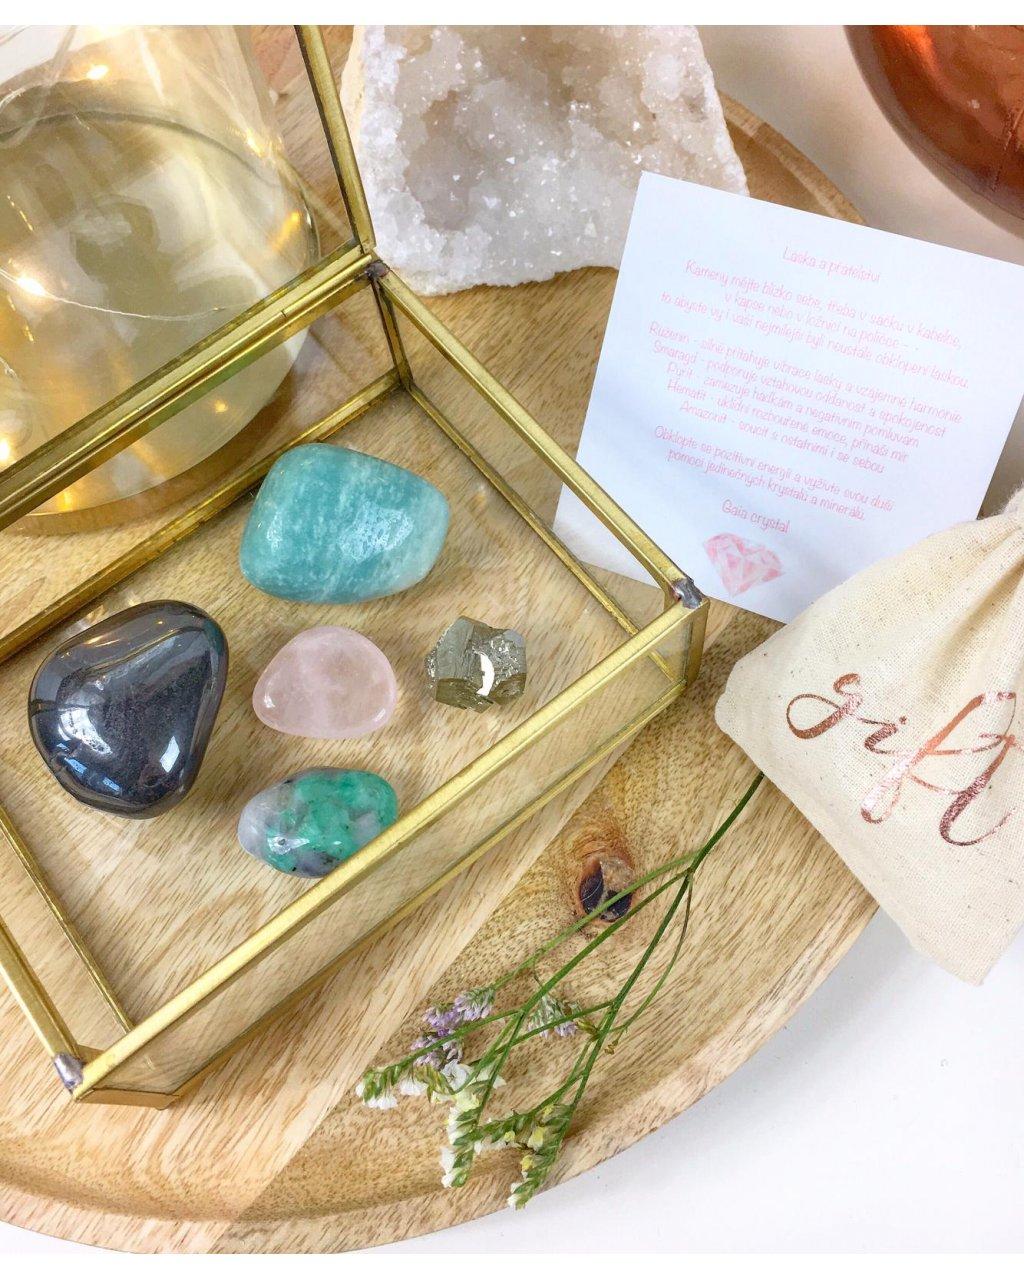 Výběr krystalů a minerálů na podporu lásky